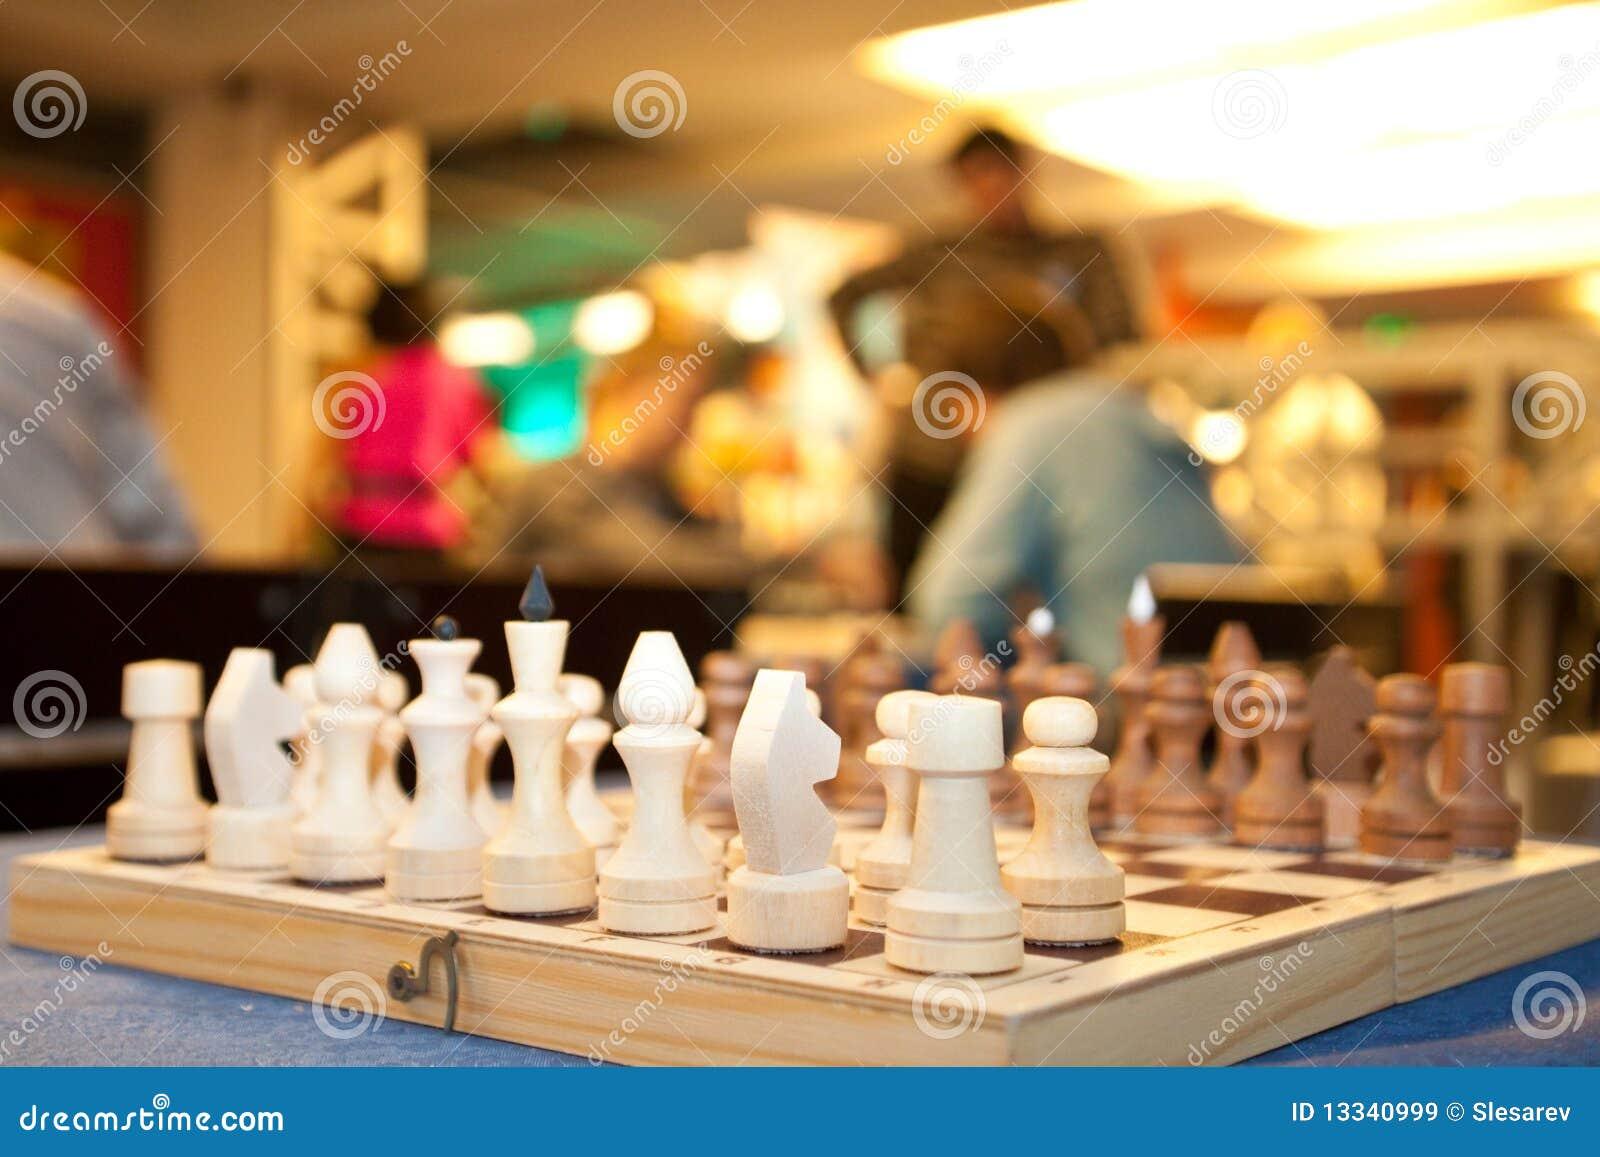 Deskowy szachy